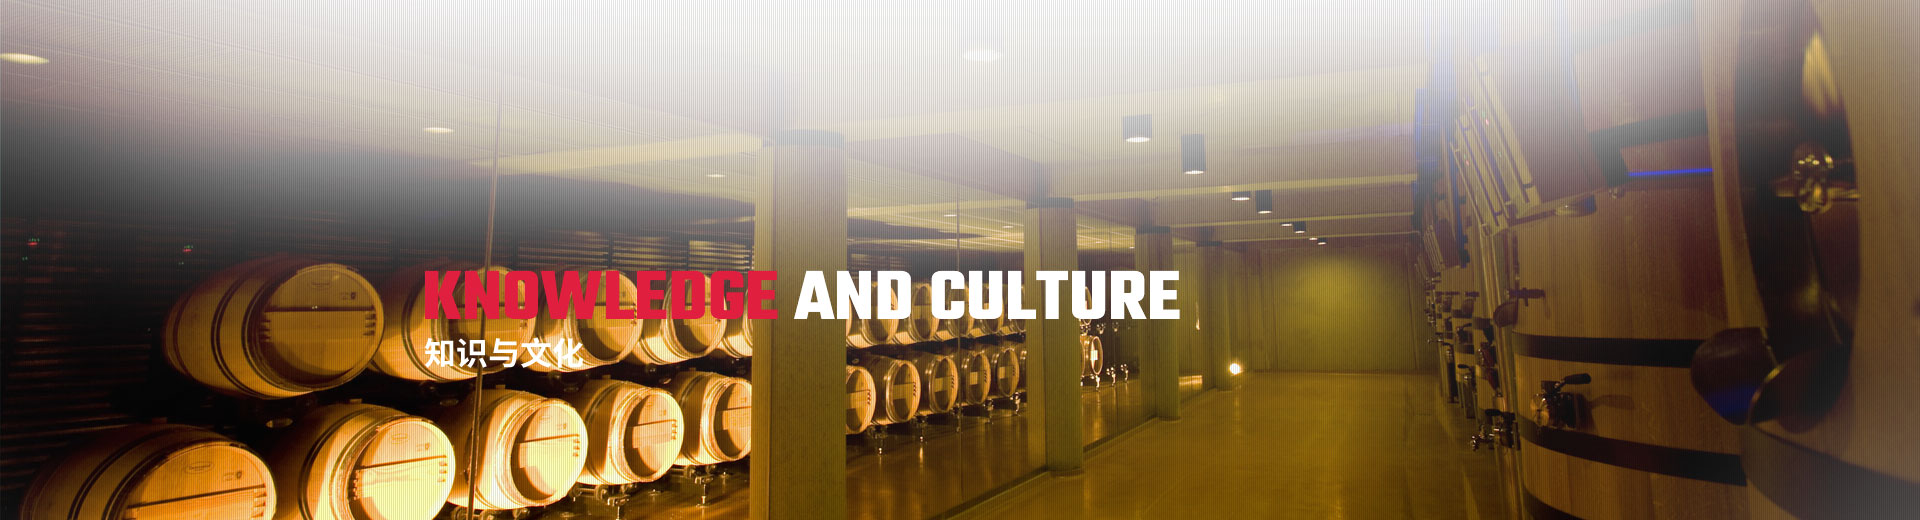 知识与文化